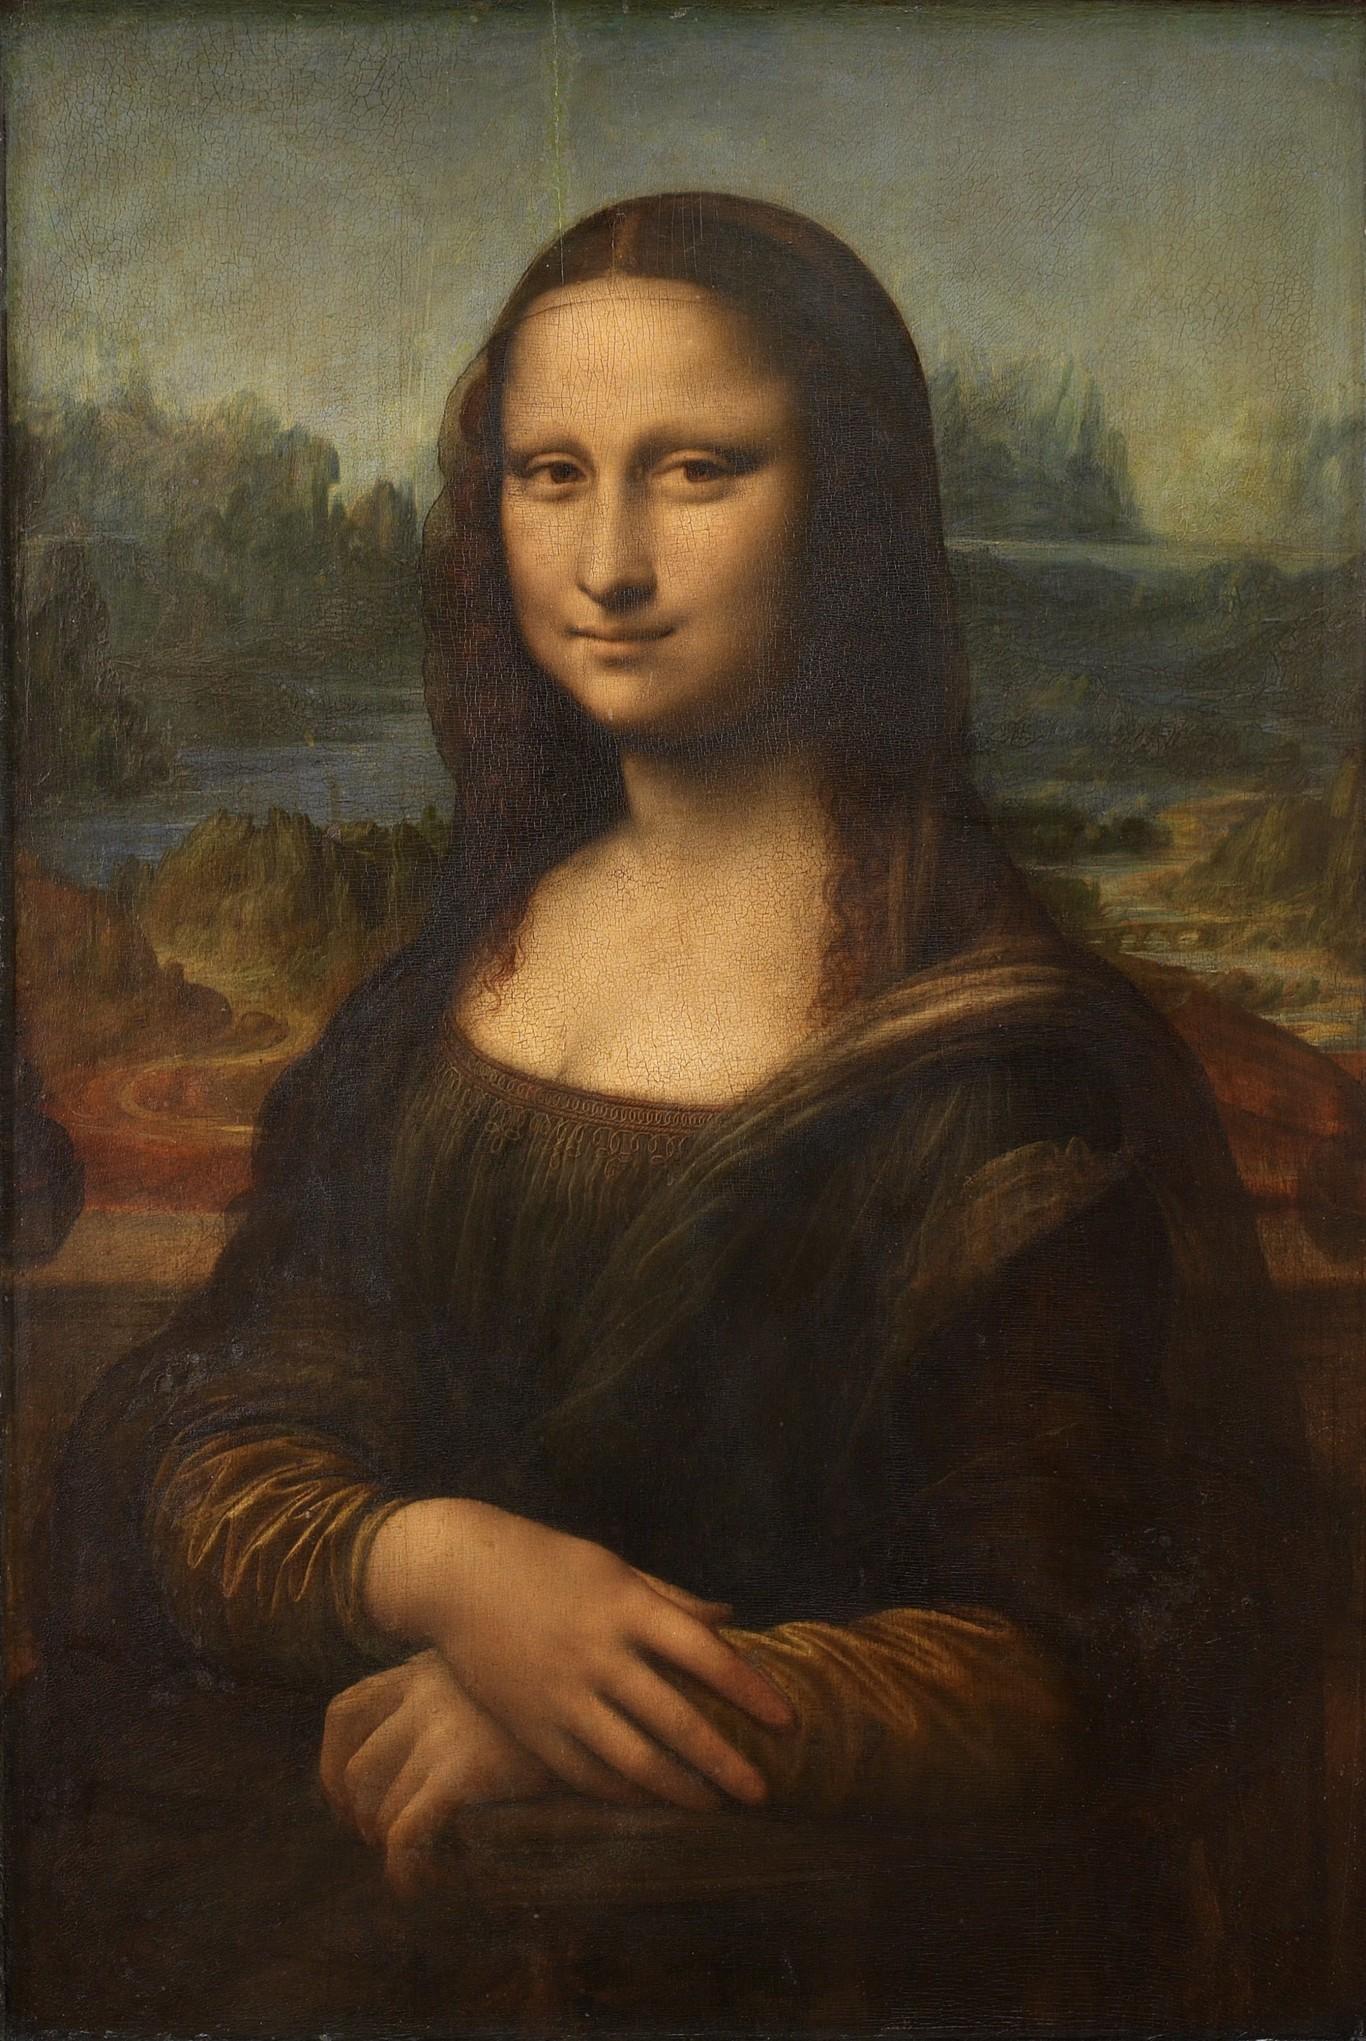 La misteriosa belleza de la Mona Lisa puede tener una explicación ...